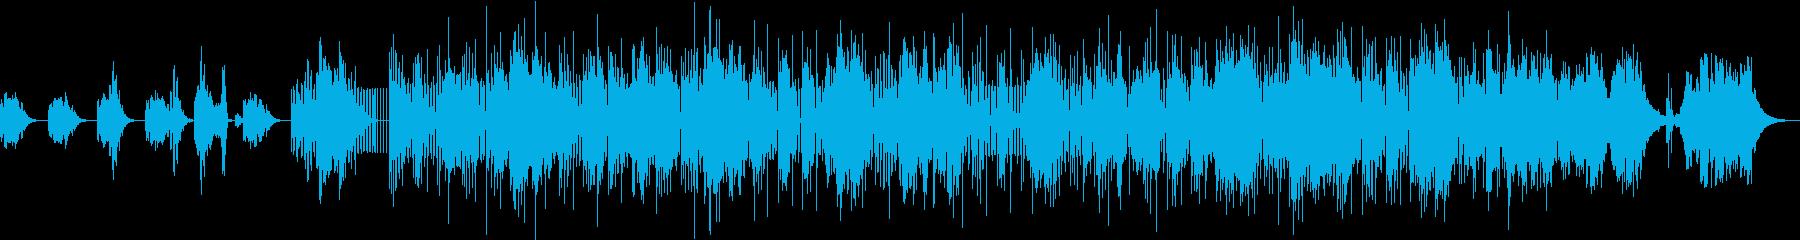 近未来的なSFをイメージしたエレクトロの再生済みの波形